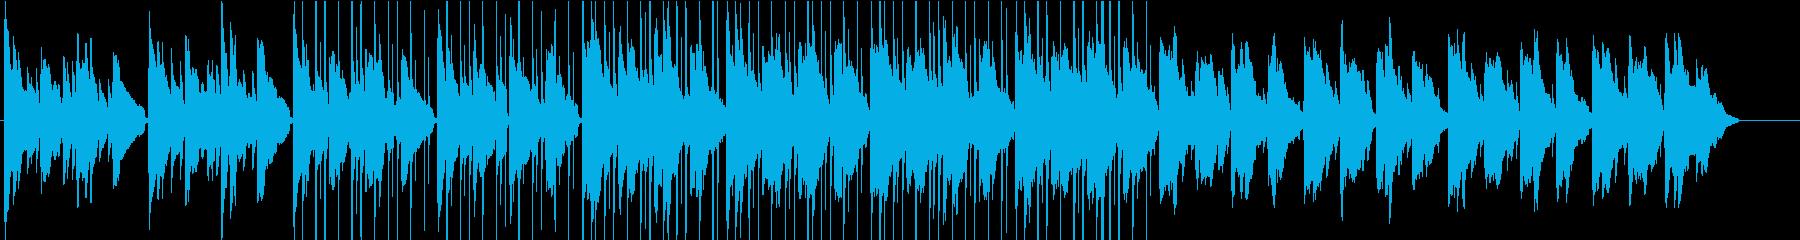 落ちつきたい時にの再生済みの波形